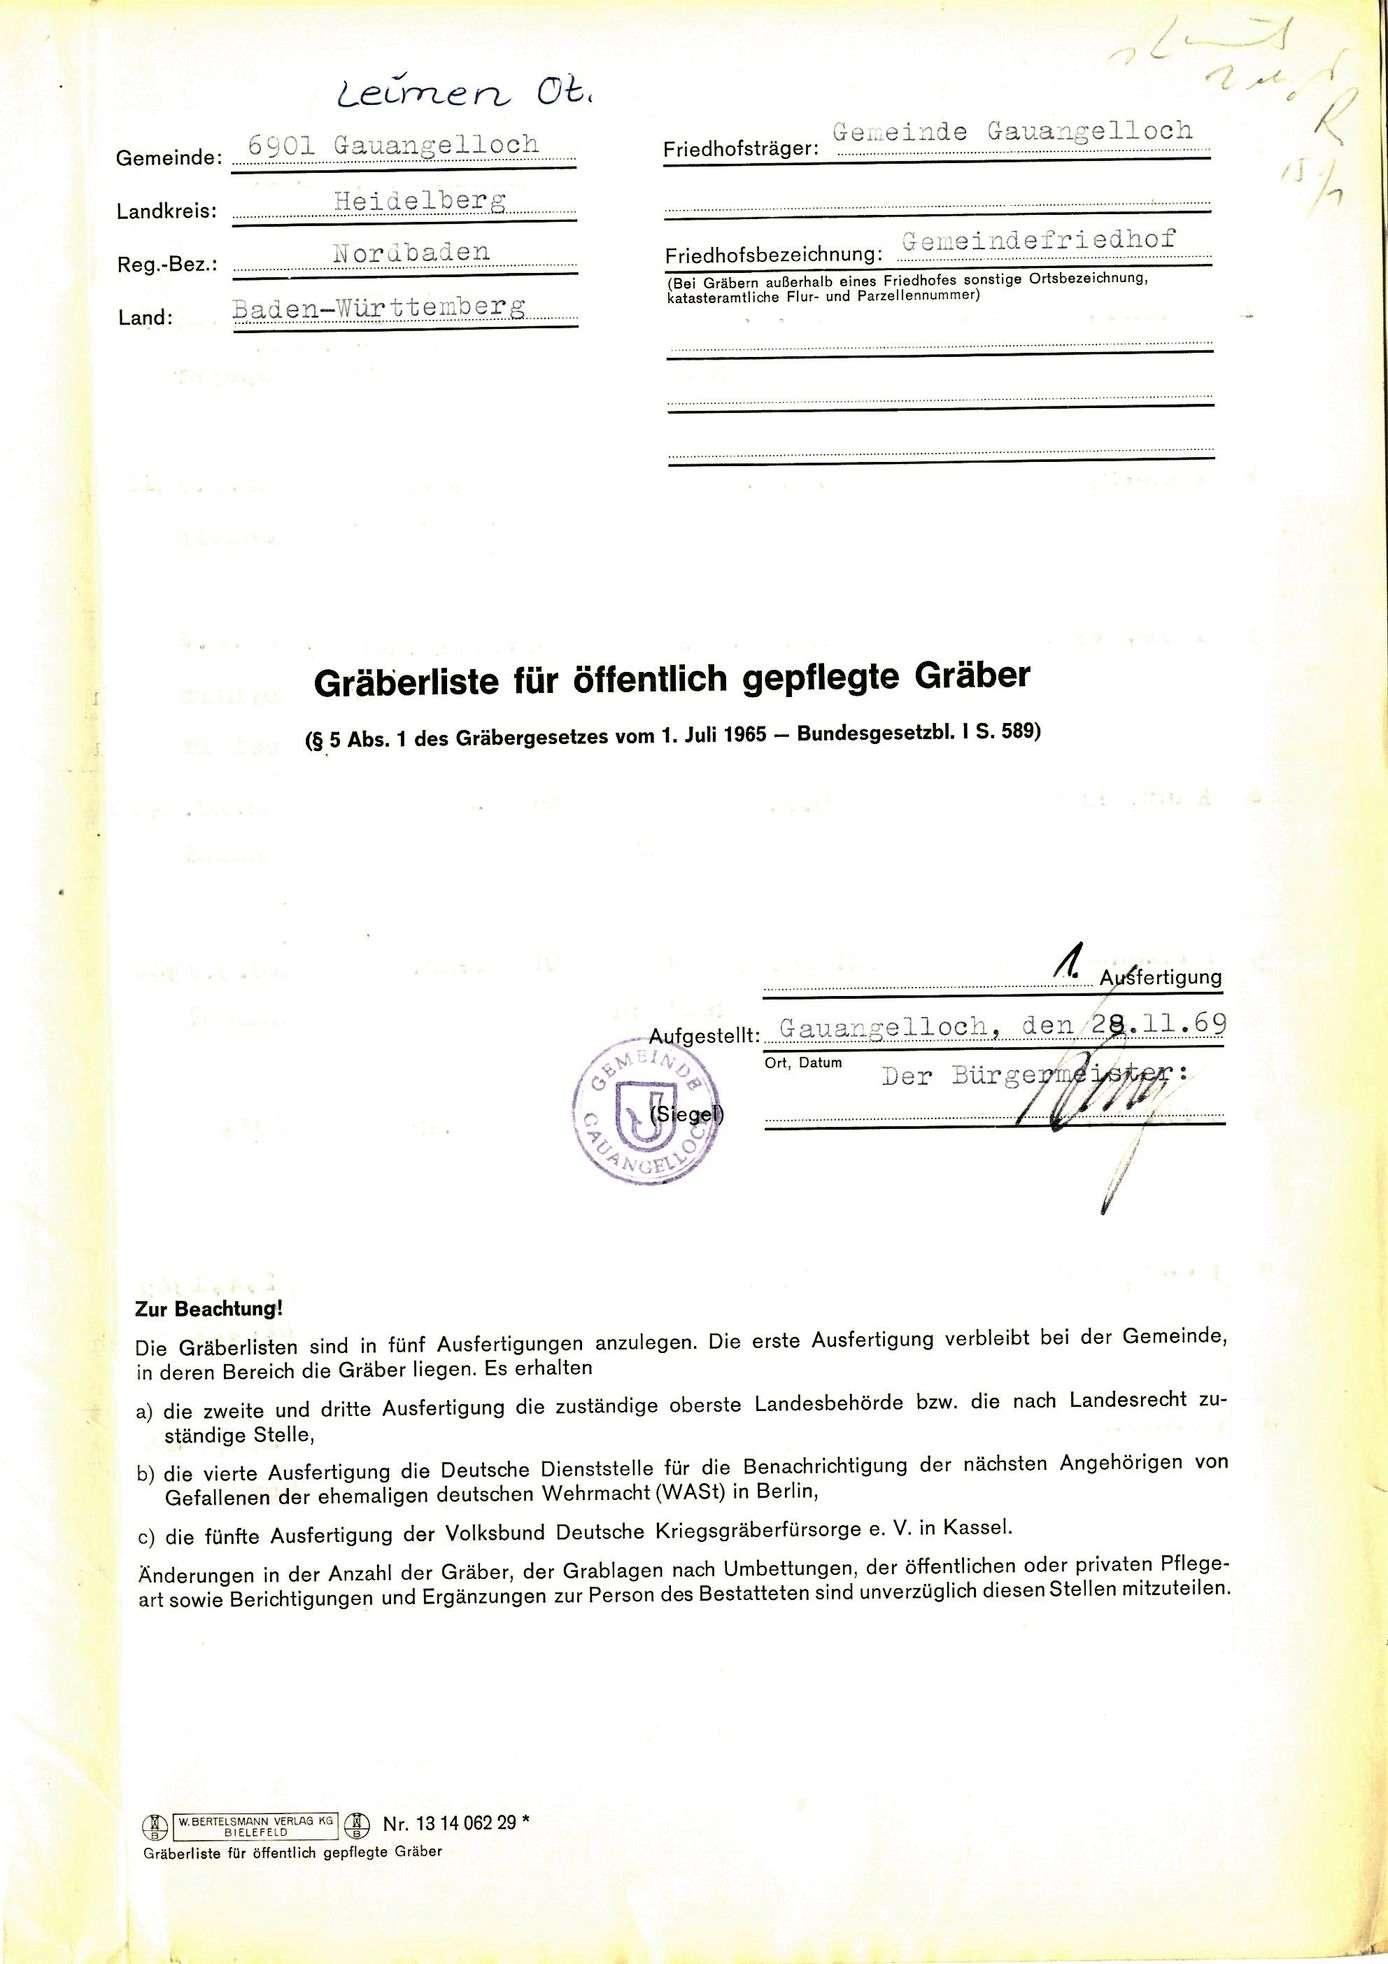 Gauangelloch, Bild 1